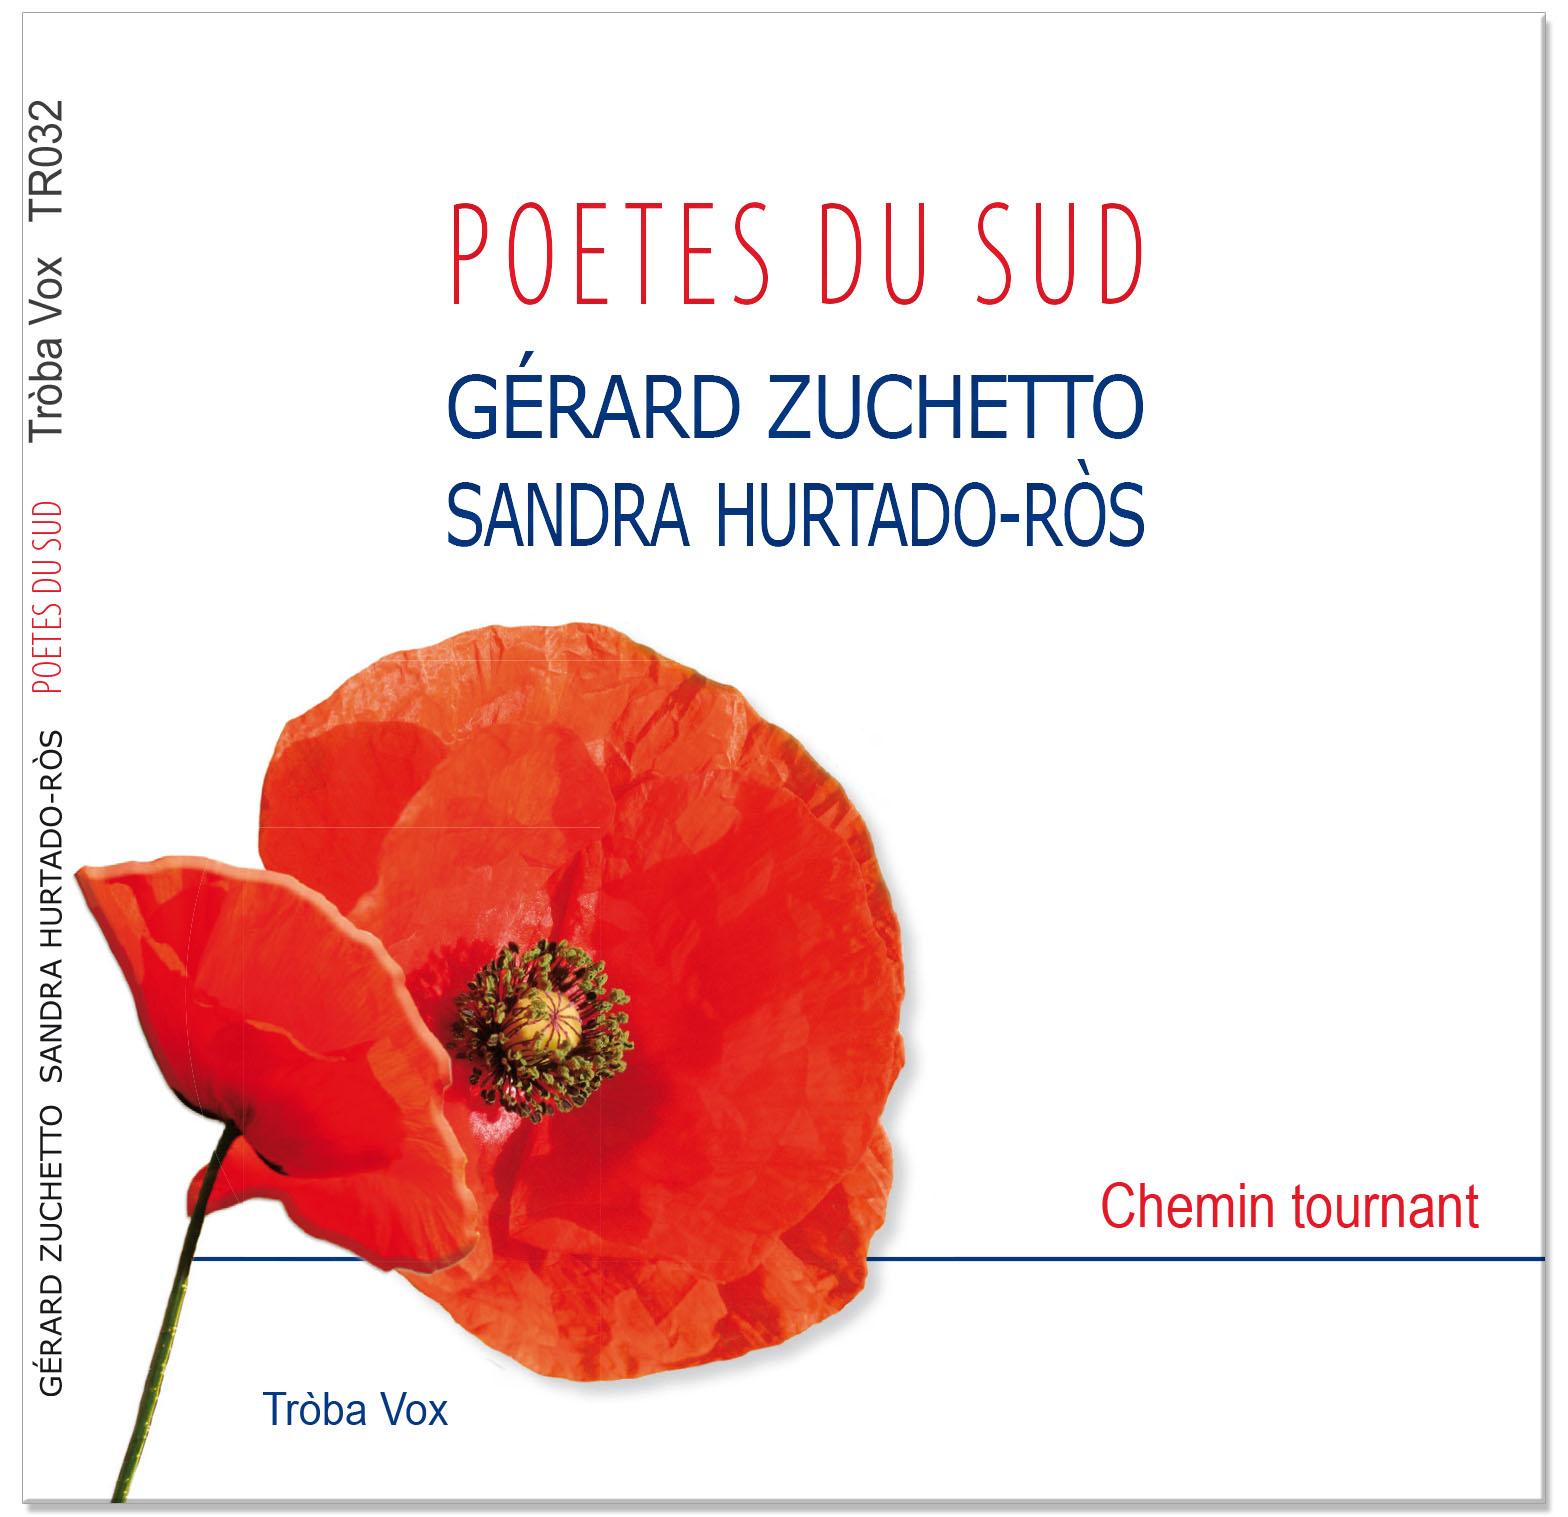 TR032 Poete du Sud